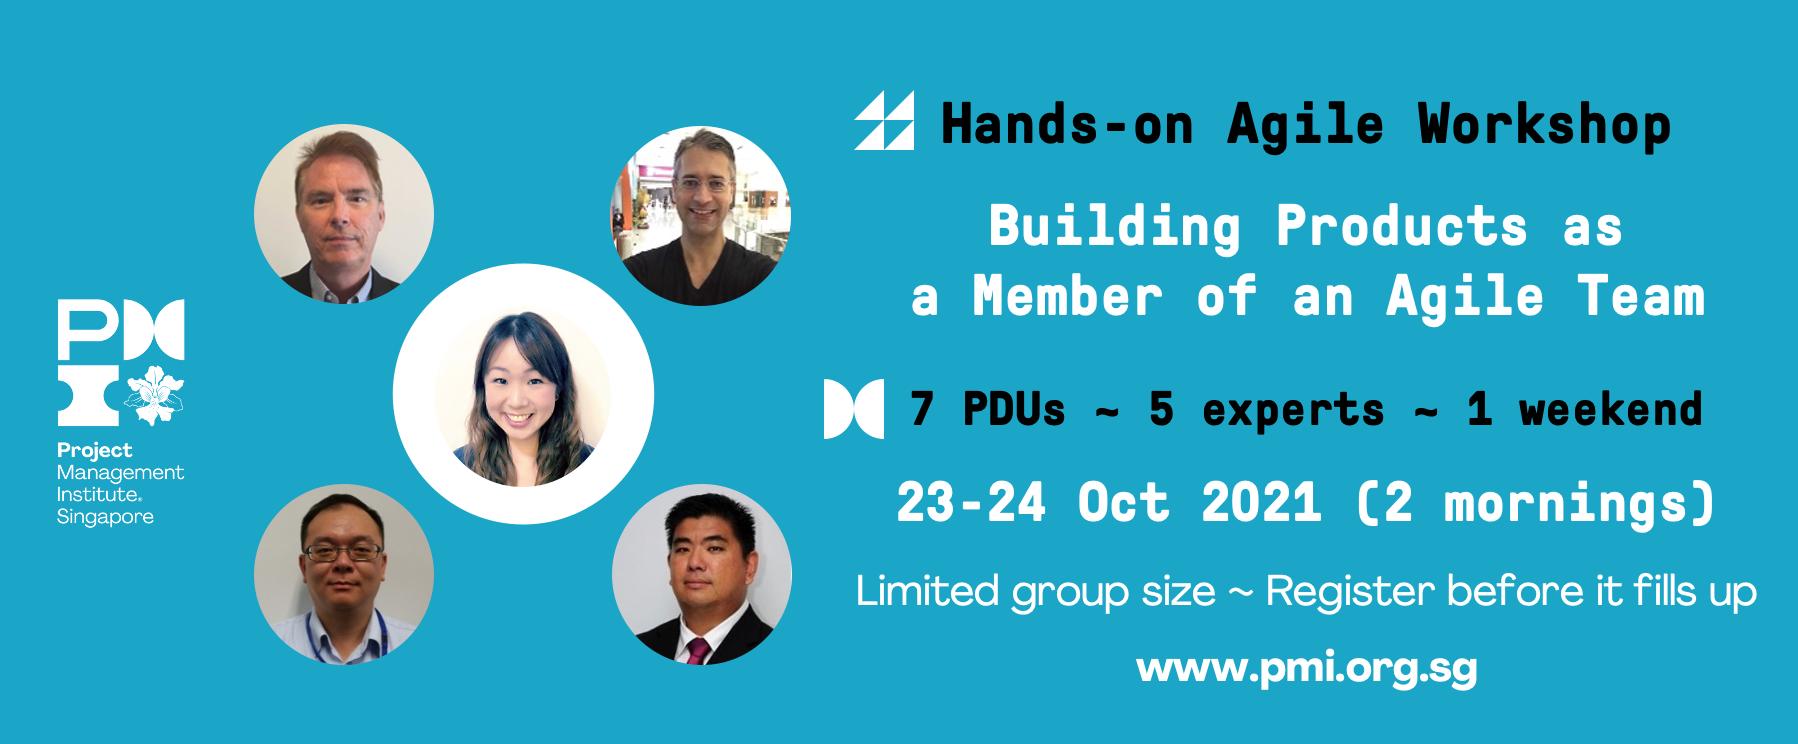 Hands-on Agile Workshop